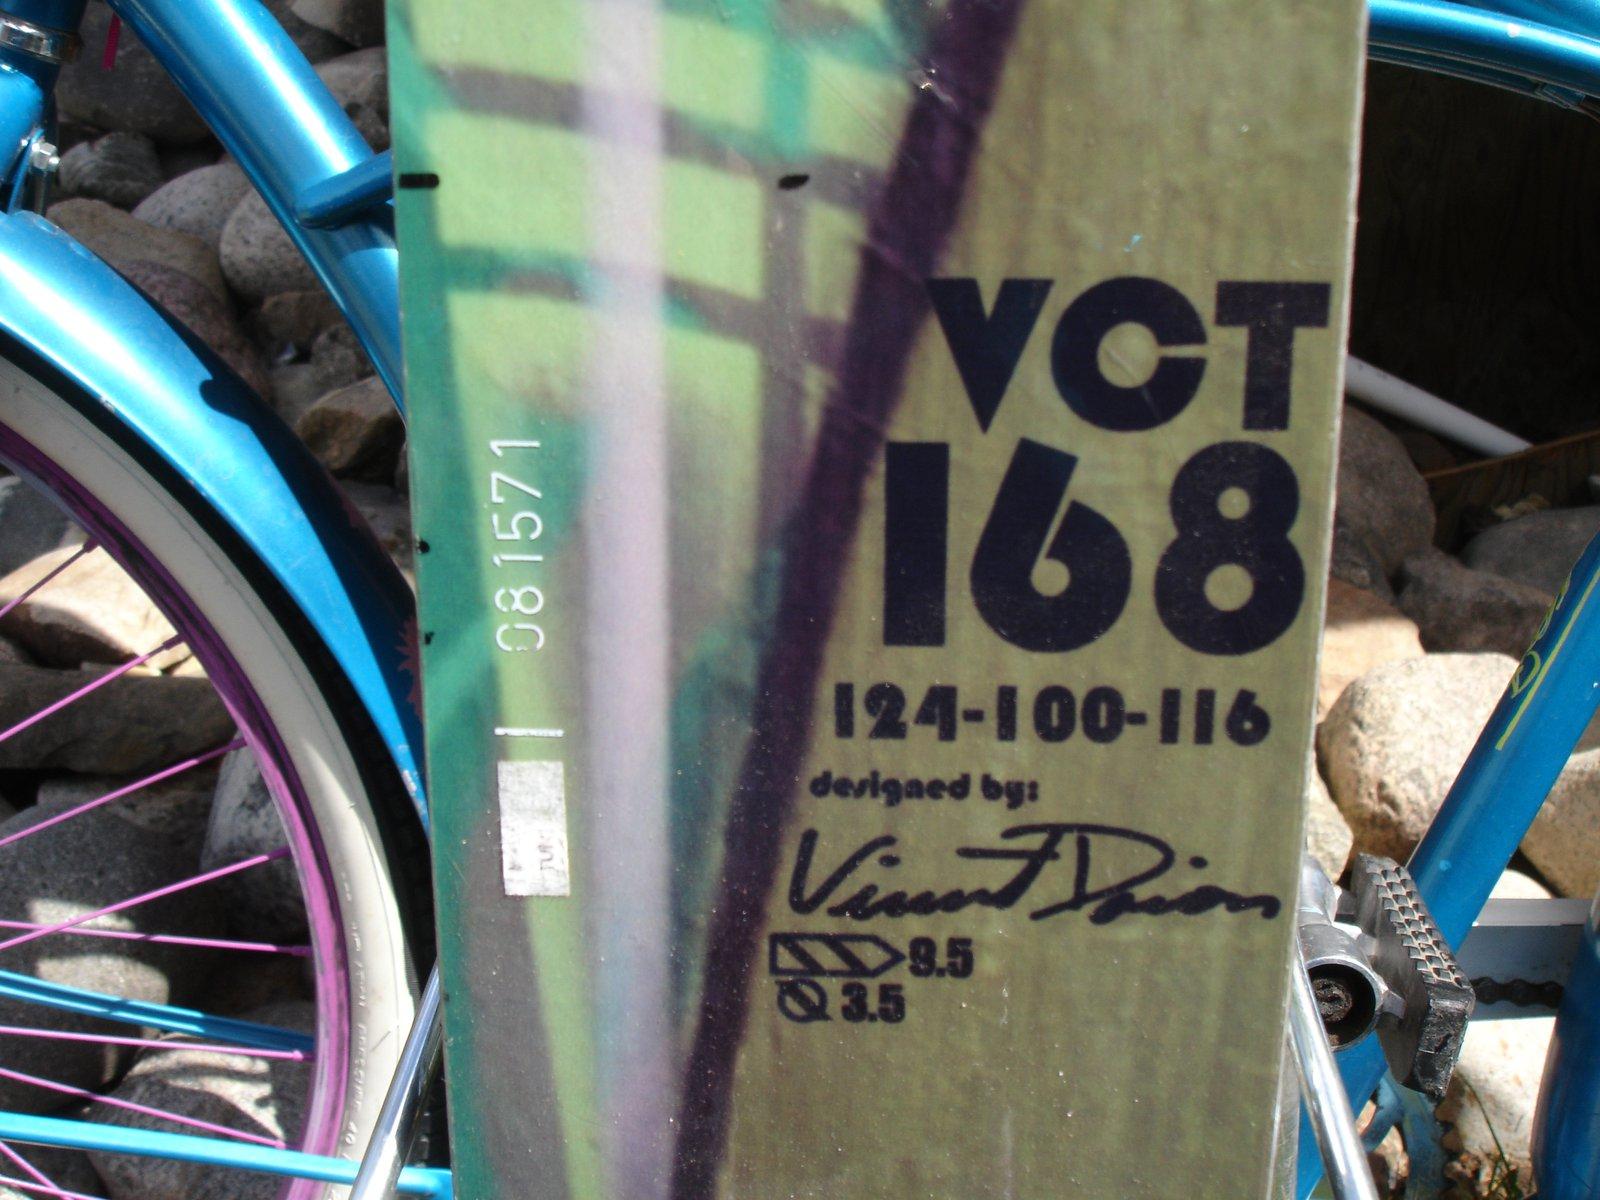 VCT specs